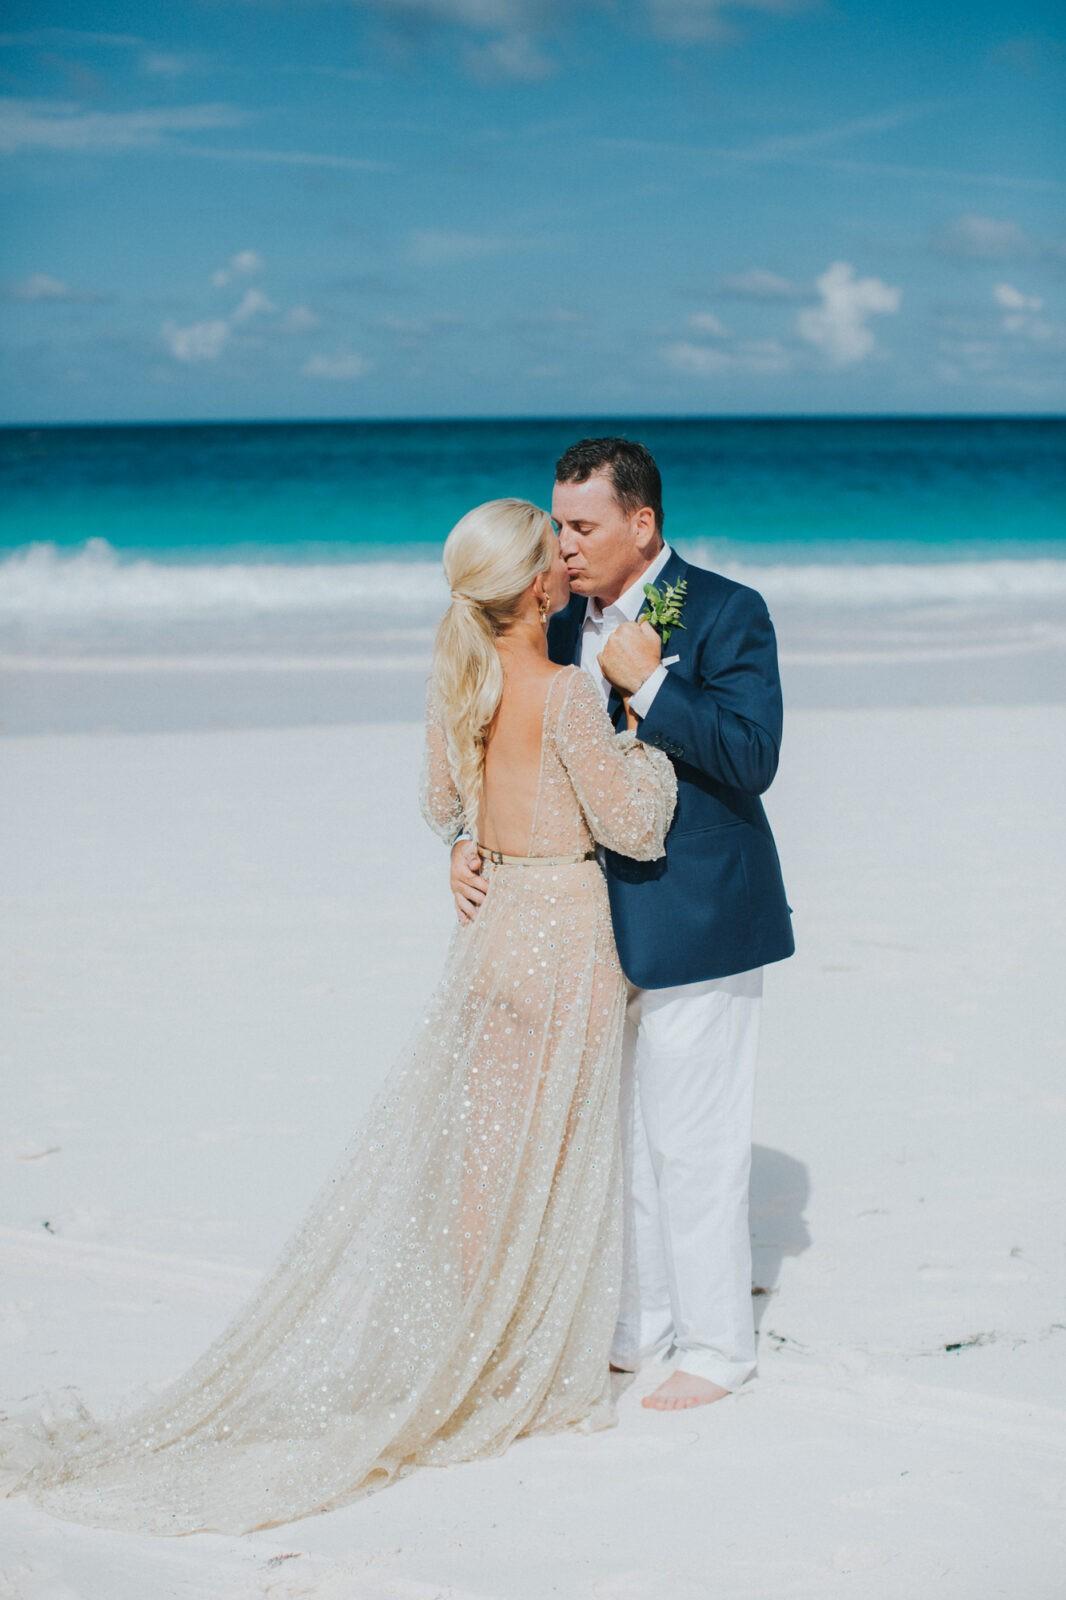 pink sand beach wedding